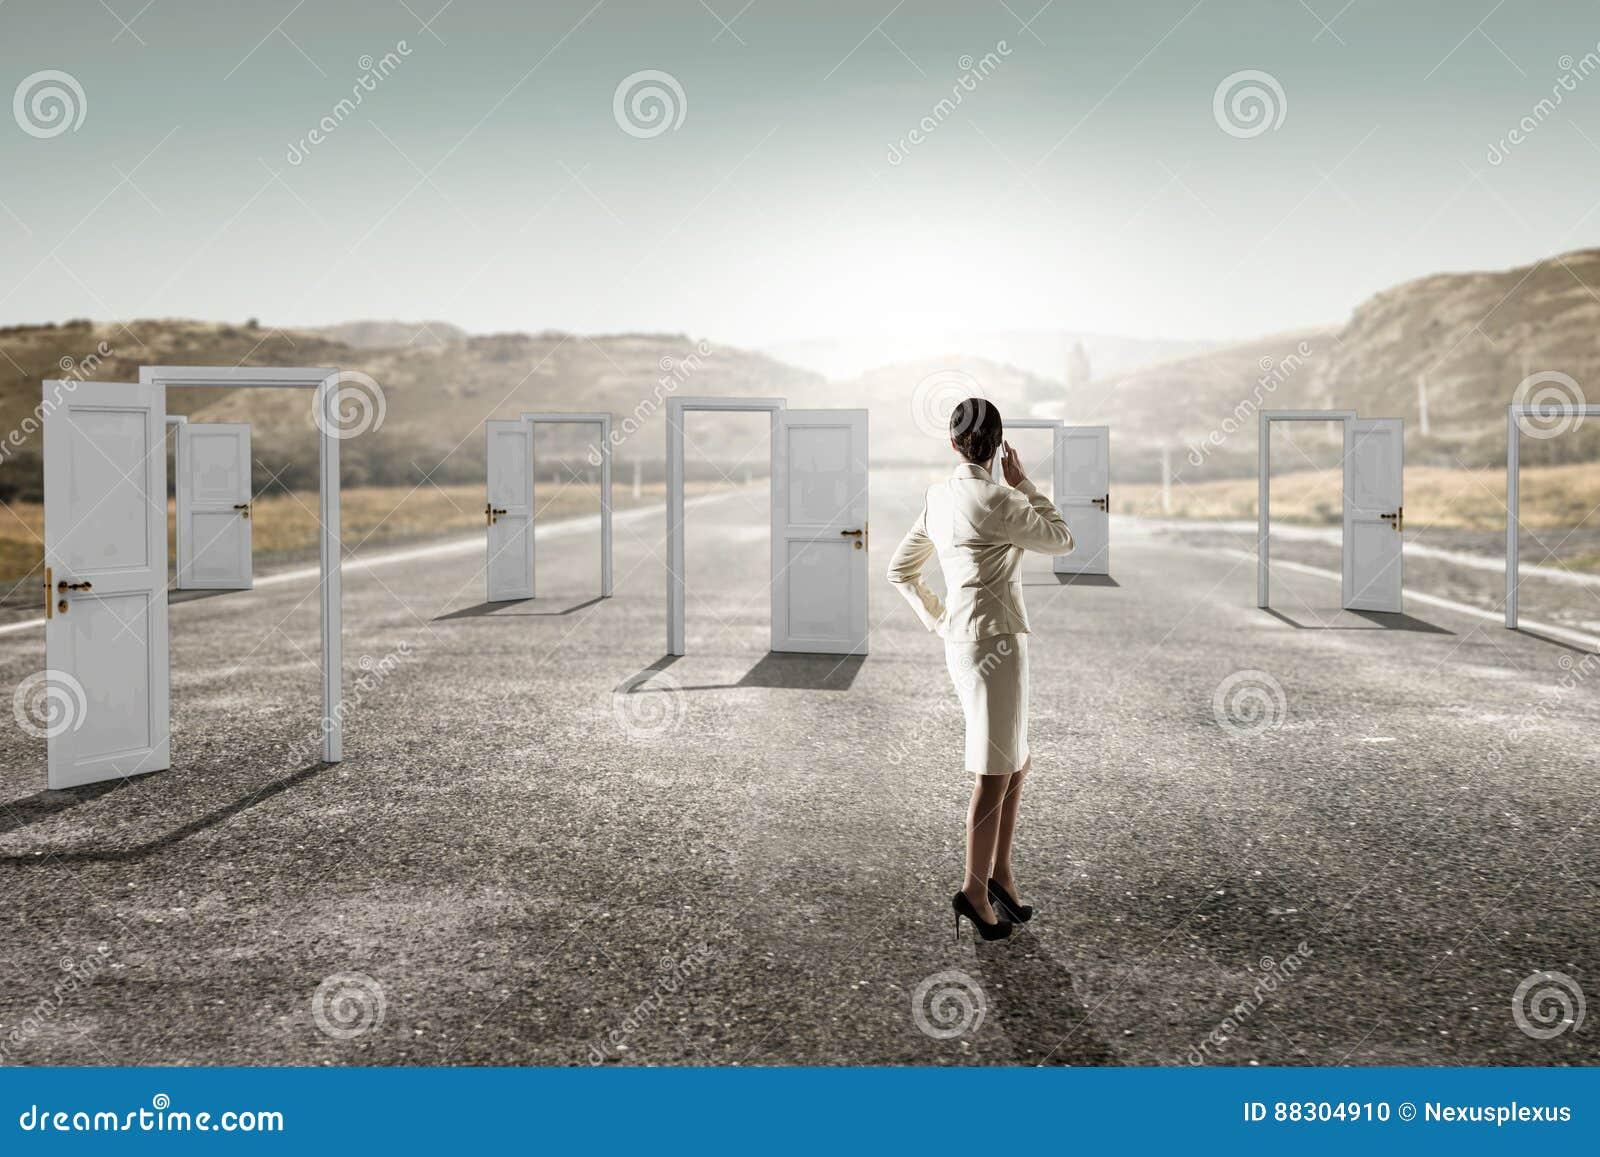 Neue türen  Öffnen Sie Neue Türen Und Gelegenheiten Gemischte Medien Stockfoto ...